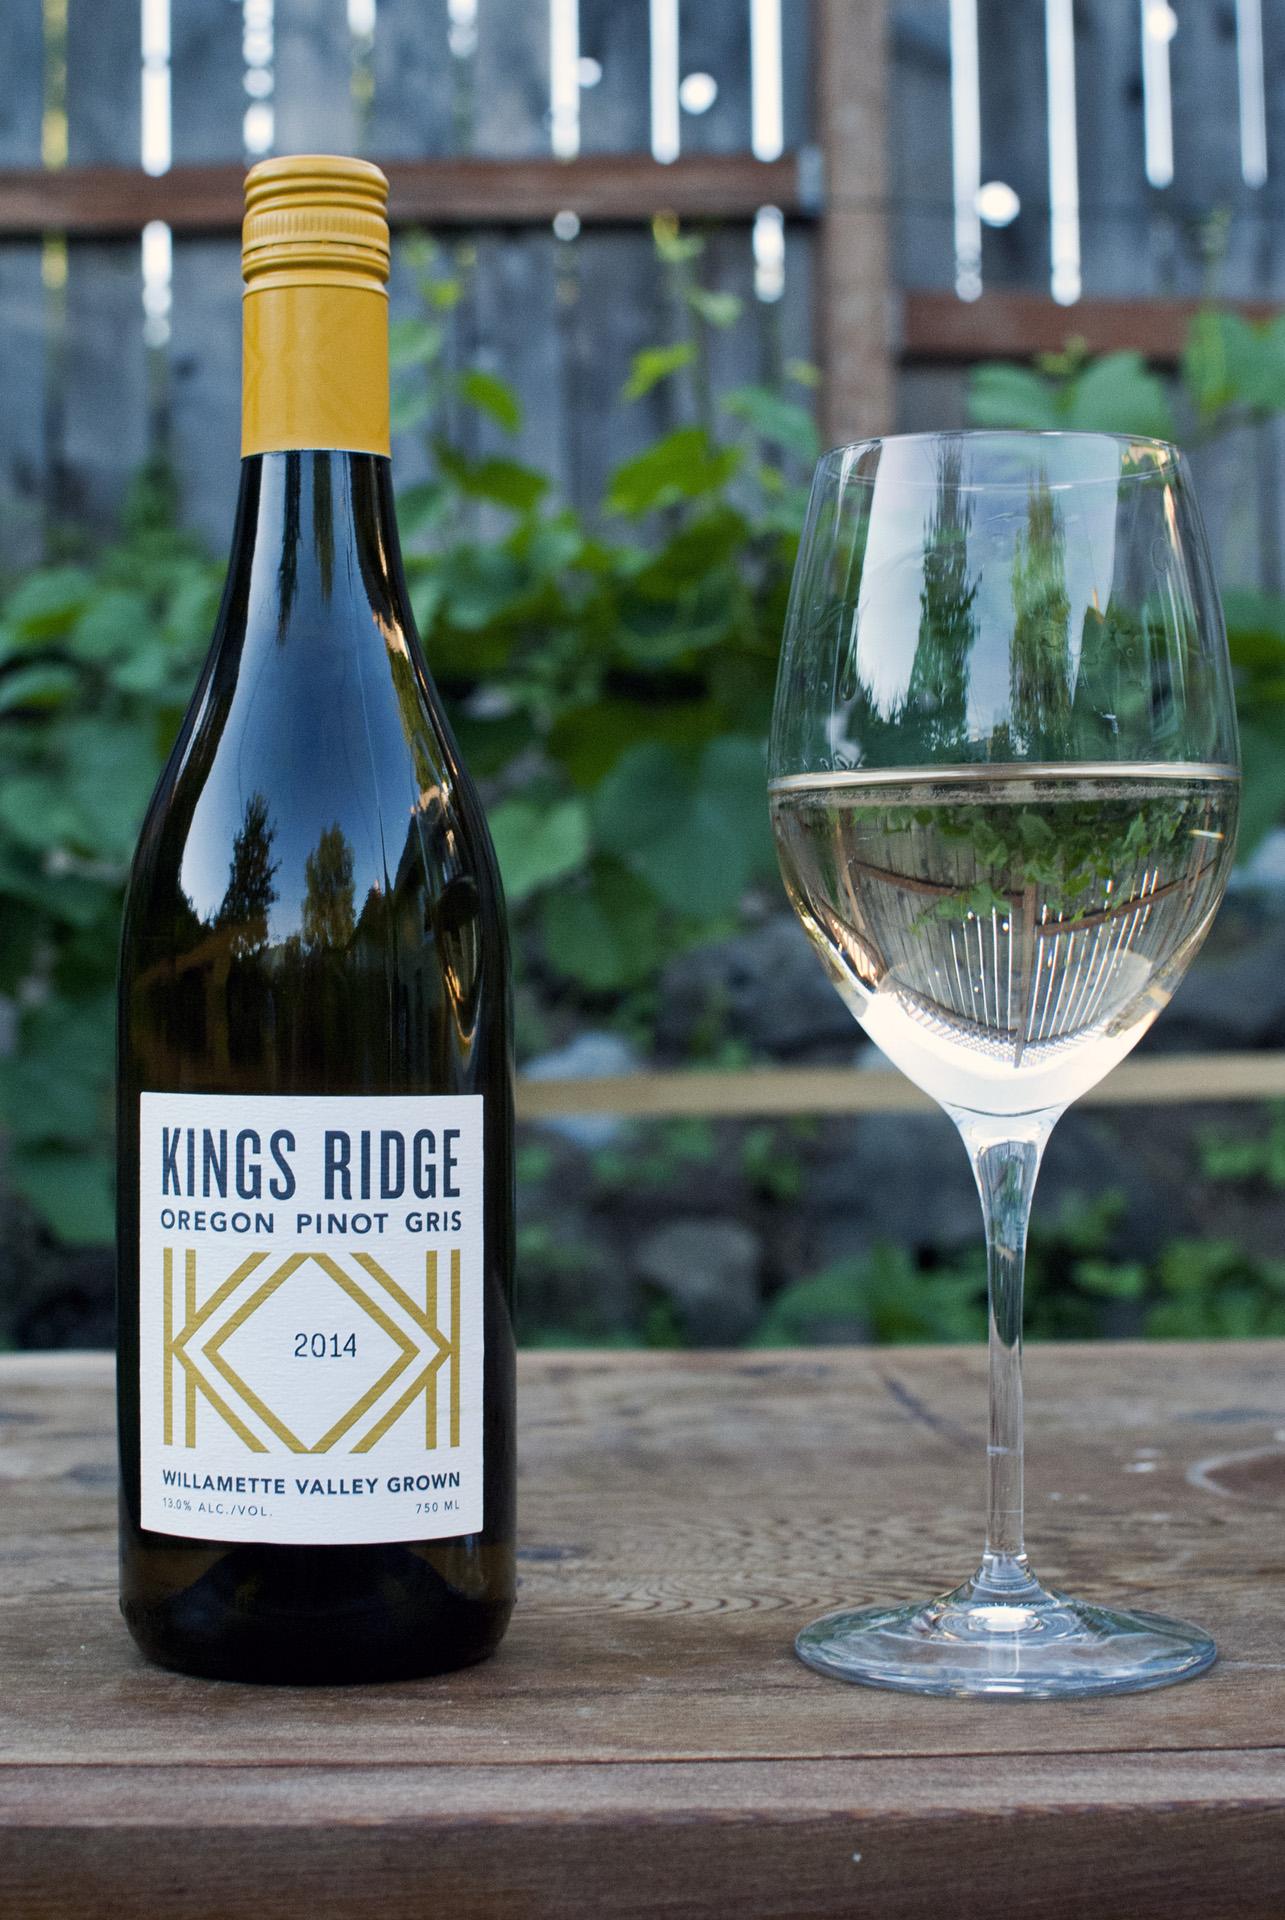 Kings Ridge Pinot Gris